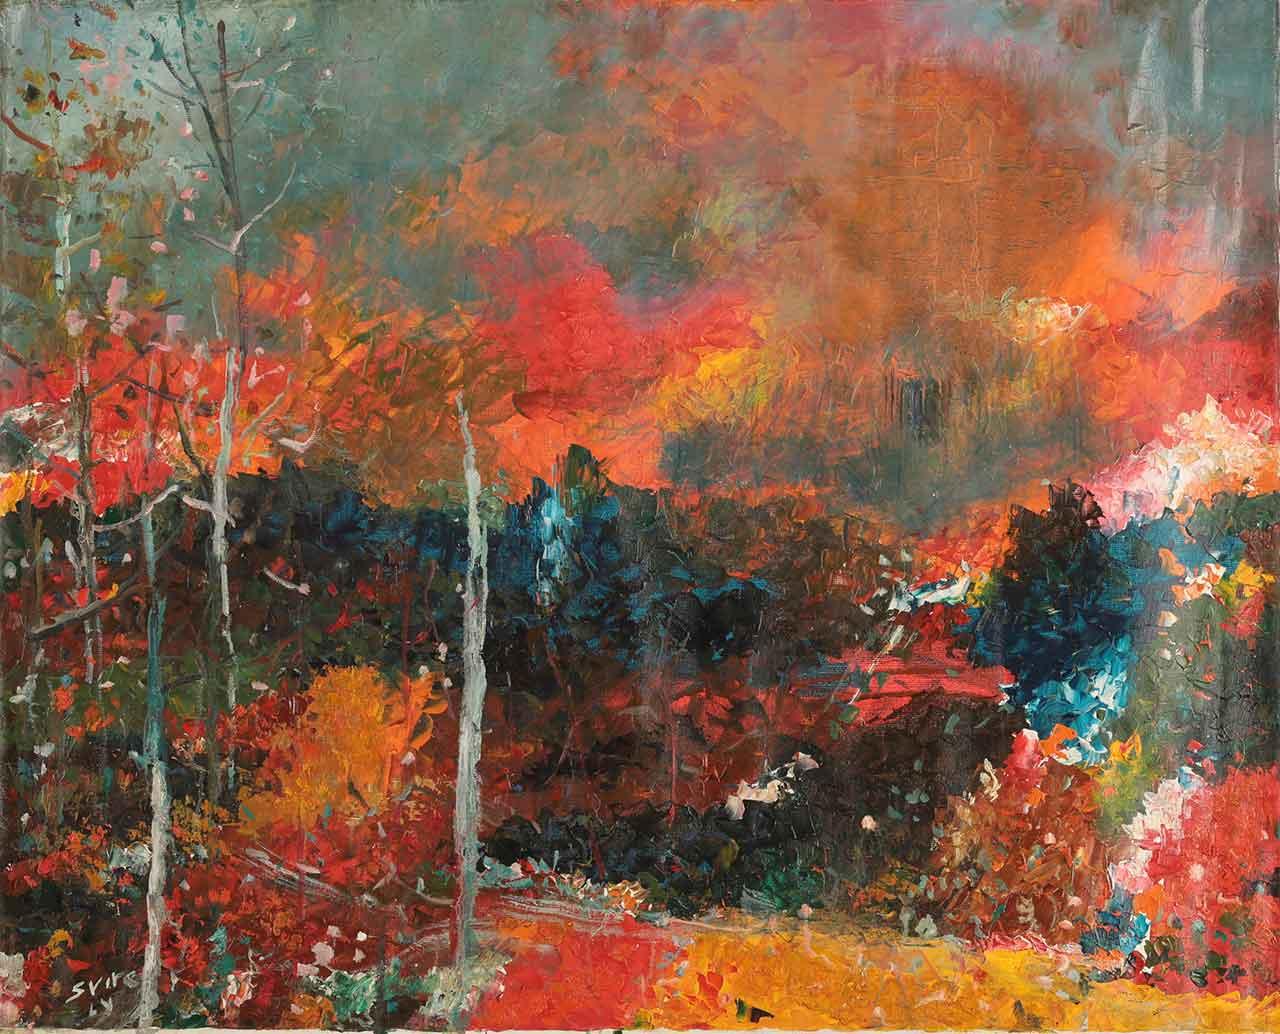 Осінь. Темо Свірелі, грузинський та український художник (народився в 1965 році в Грузії - помер в 2014 році в Україні), олія, полотно, 2010